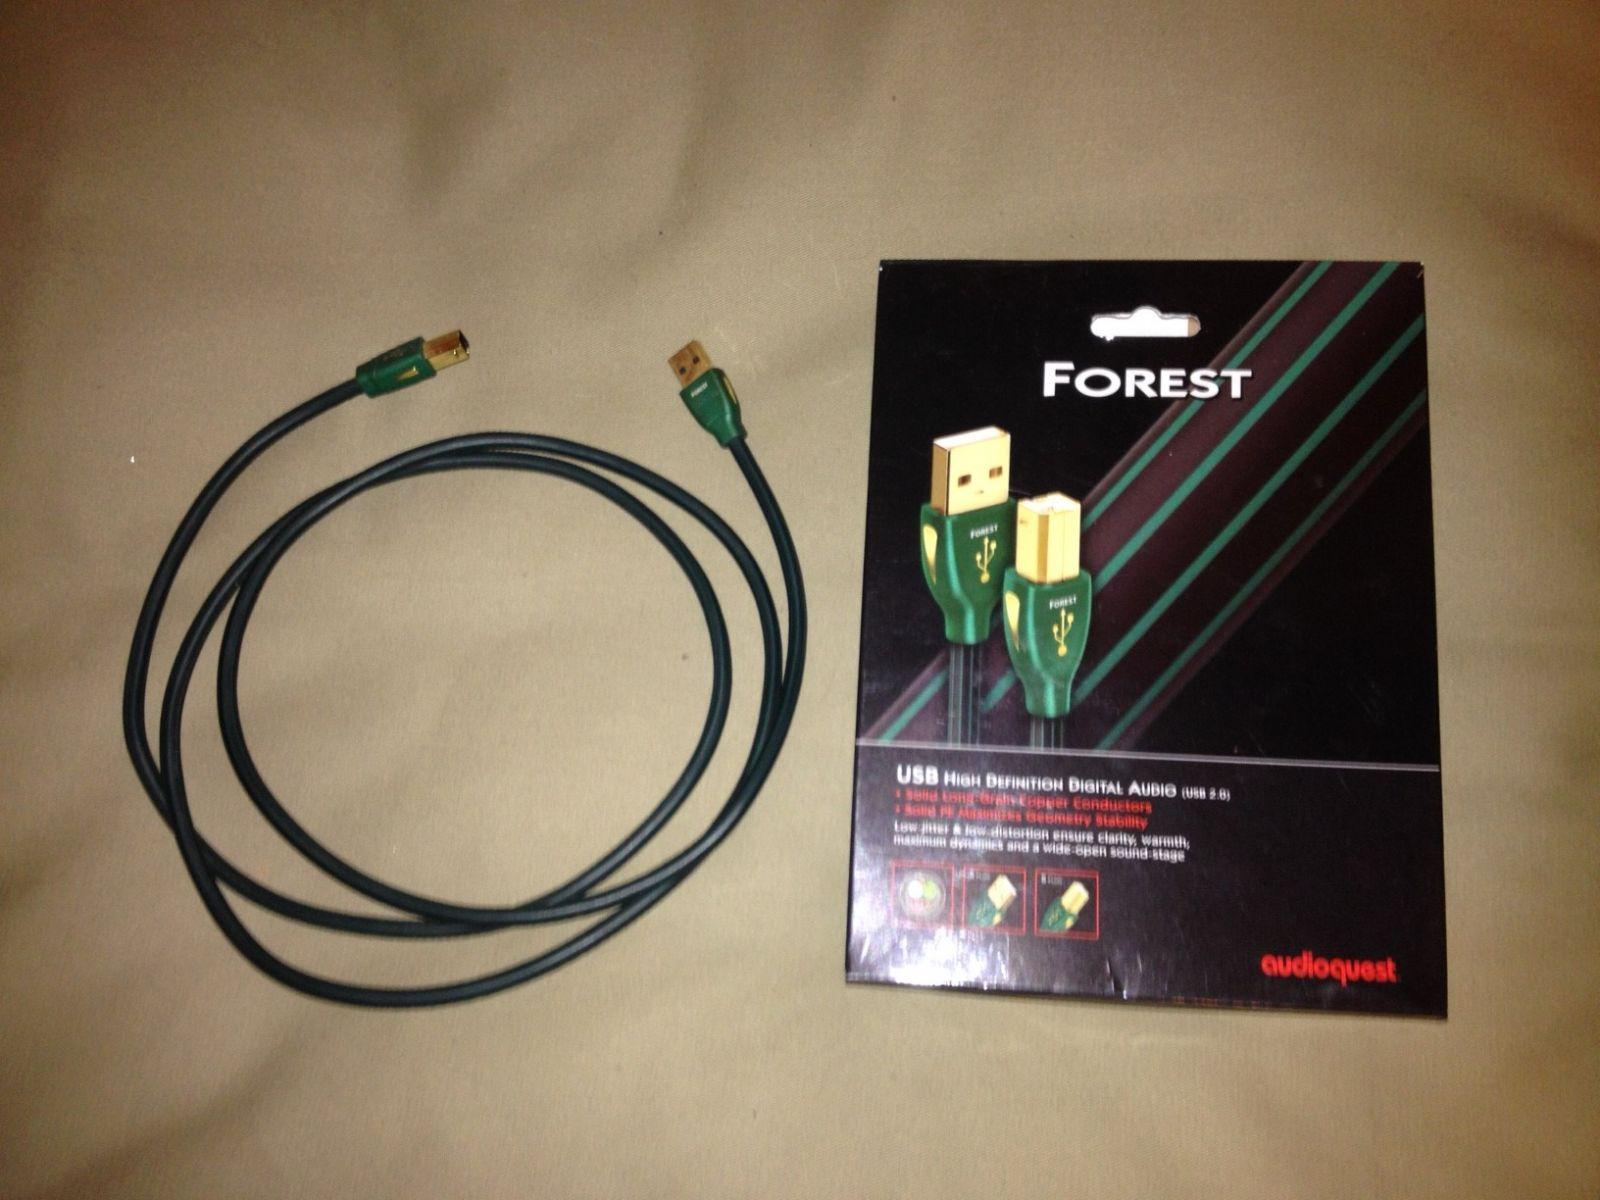 day tin hieu USB AudioQuest Forest dep